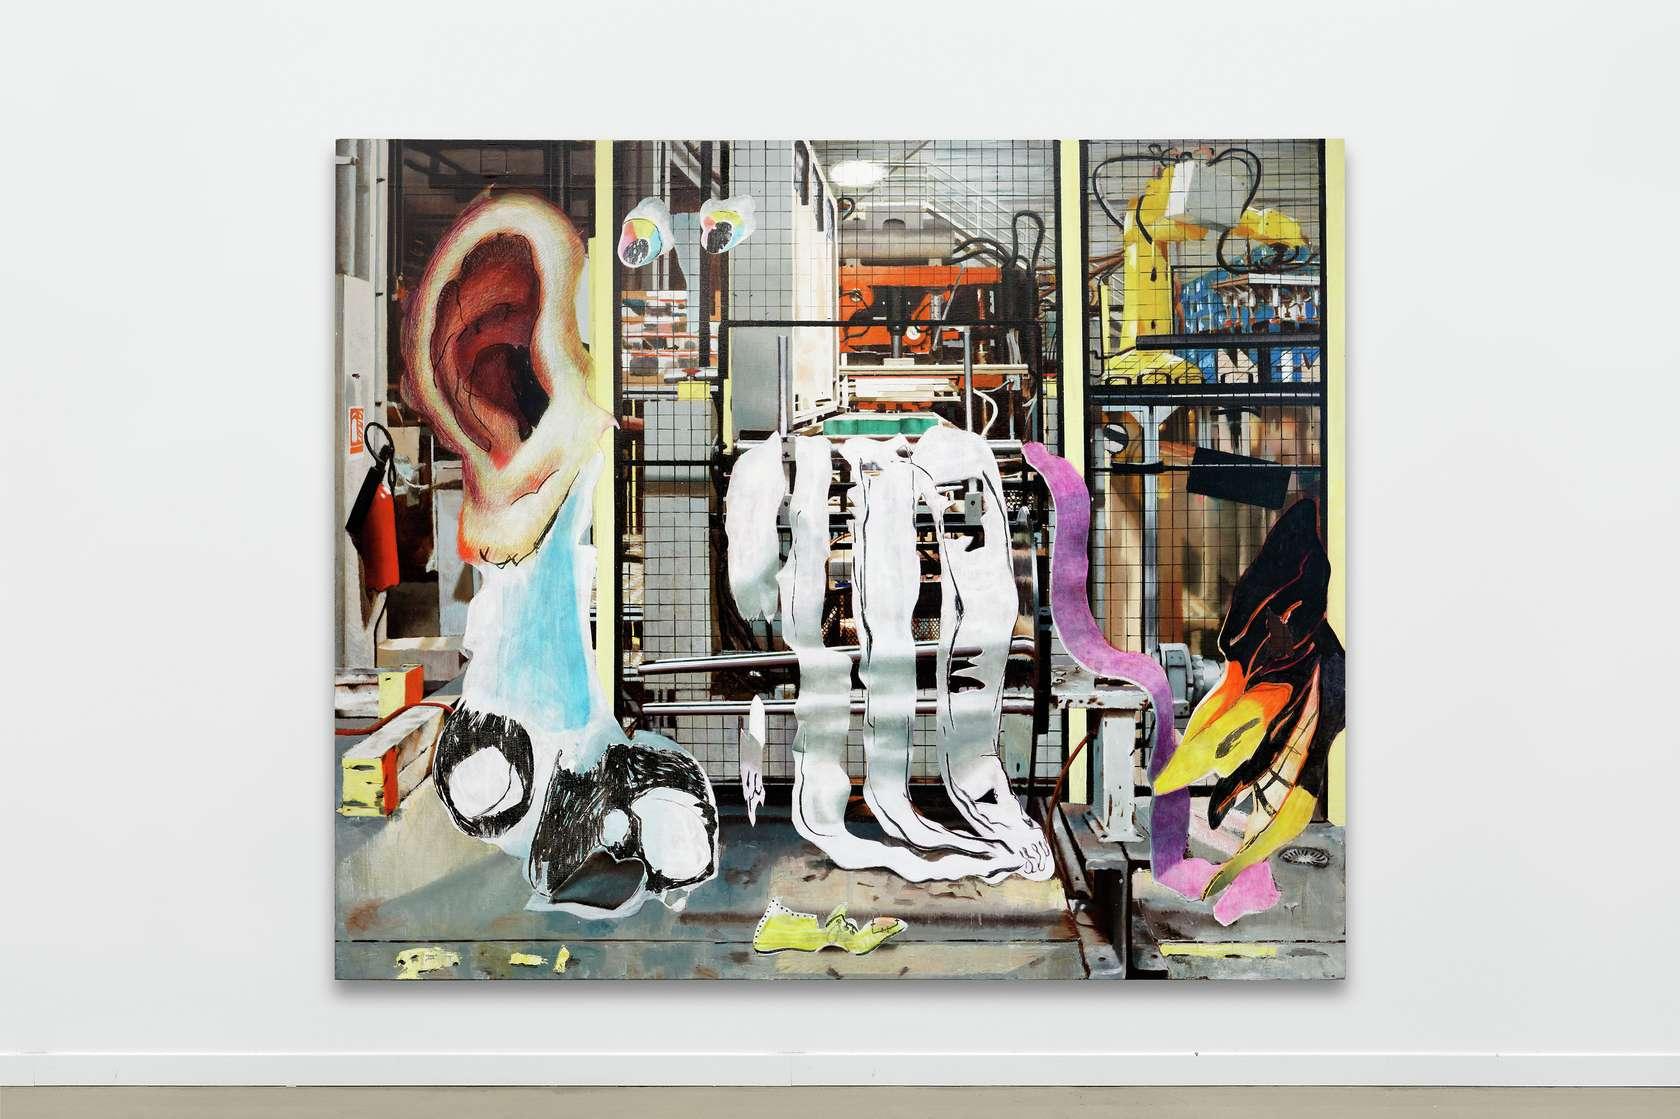 Laurent Proux, La jungle éléctrique, 2018 Huile sur toile200 x 240 cm / 78 6/8 x 94 1/2 inches